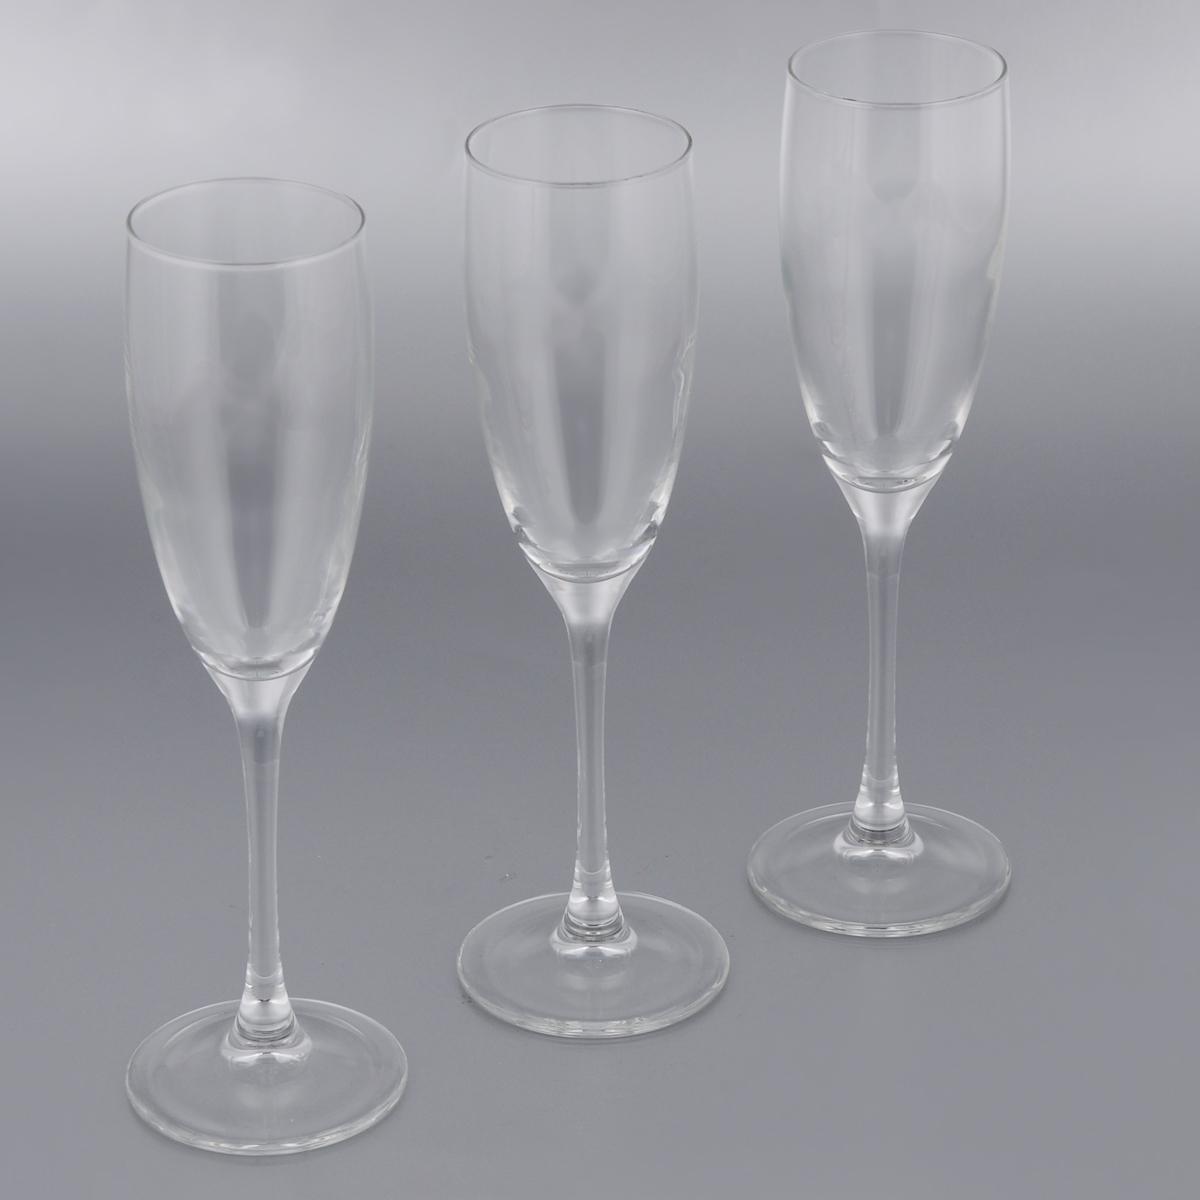 Набор фужеров для шампанского Luminarc Signature, 170 мл, 3 штJ9756Набор Luminarc Signature состоит из трех классическихфужеров, выполненных из прочного стекла. Изделияоснащены высокими ножками и предназначеныдля подачи шампанского. Они сочетают в себе элегантный дизайн и функциональность. Благодаря такому наборупить напитки будет еще вкуснее. Набор фужеров Luminarc Signature прекрасно оформит праздничный стол и создаст приятную атмосферу заромантическим ужином. Такой набор также станет хорошим подарком к любому случаю. Можно мыть в посудомоечной машине. Диаметр фужера (по верхнему краю): 5,2 см.Диаметр основания фужера: 7 см.Высота фужера: 22,2 см.